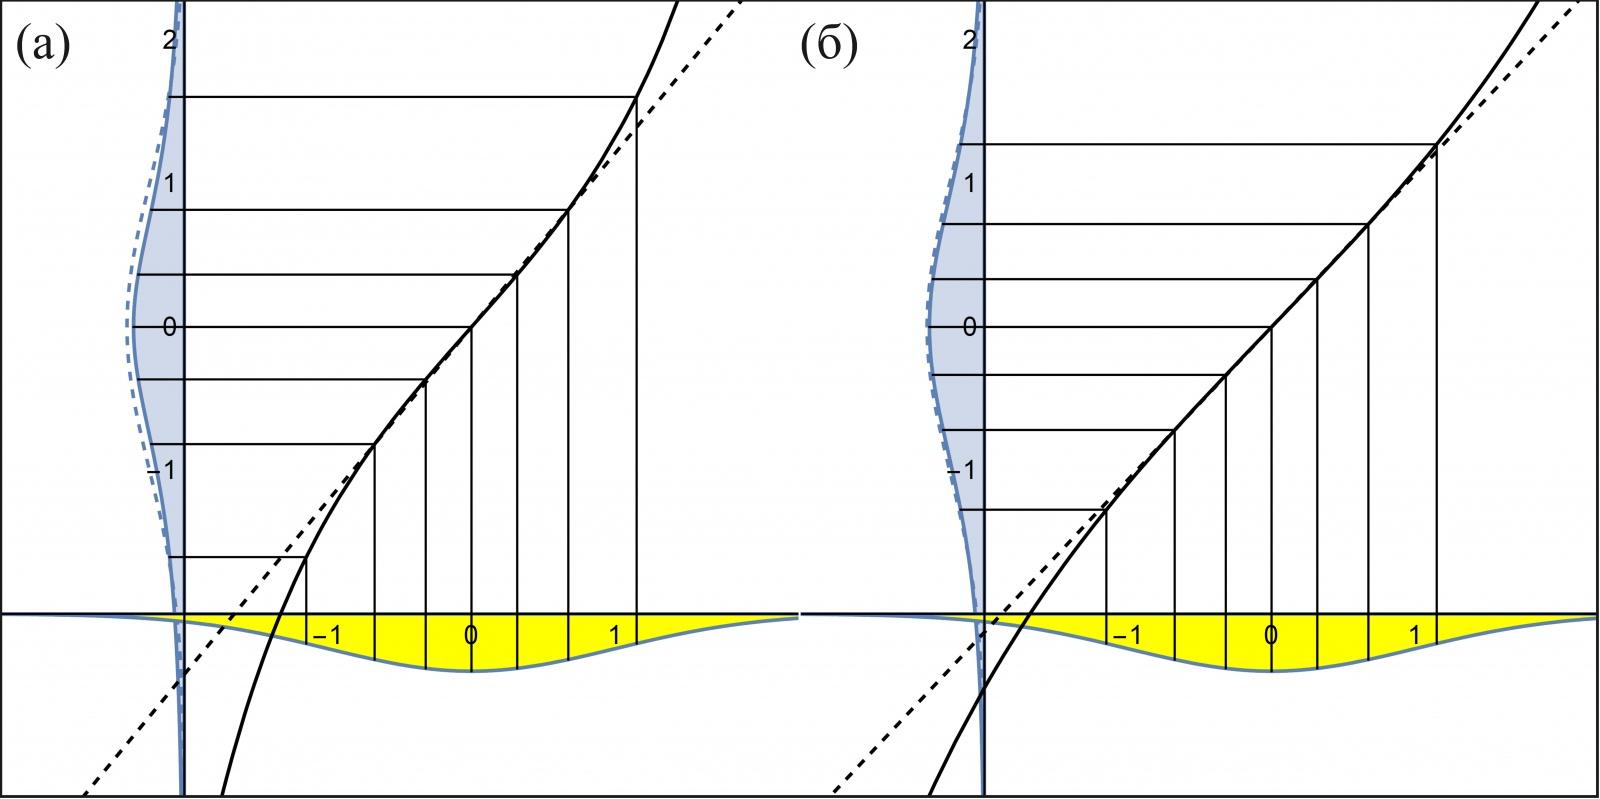 Рис. 9: Зависимость теоретических квантилей (а) распределения Стьюдента с 2 степенями свободы и (б) распределения Стьюдента с 6 степенями свободы — от теоретических квантилей стандартного нормального распределения.